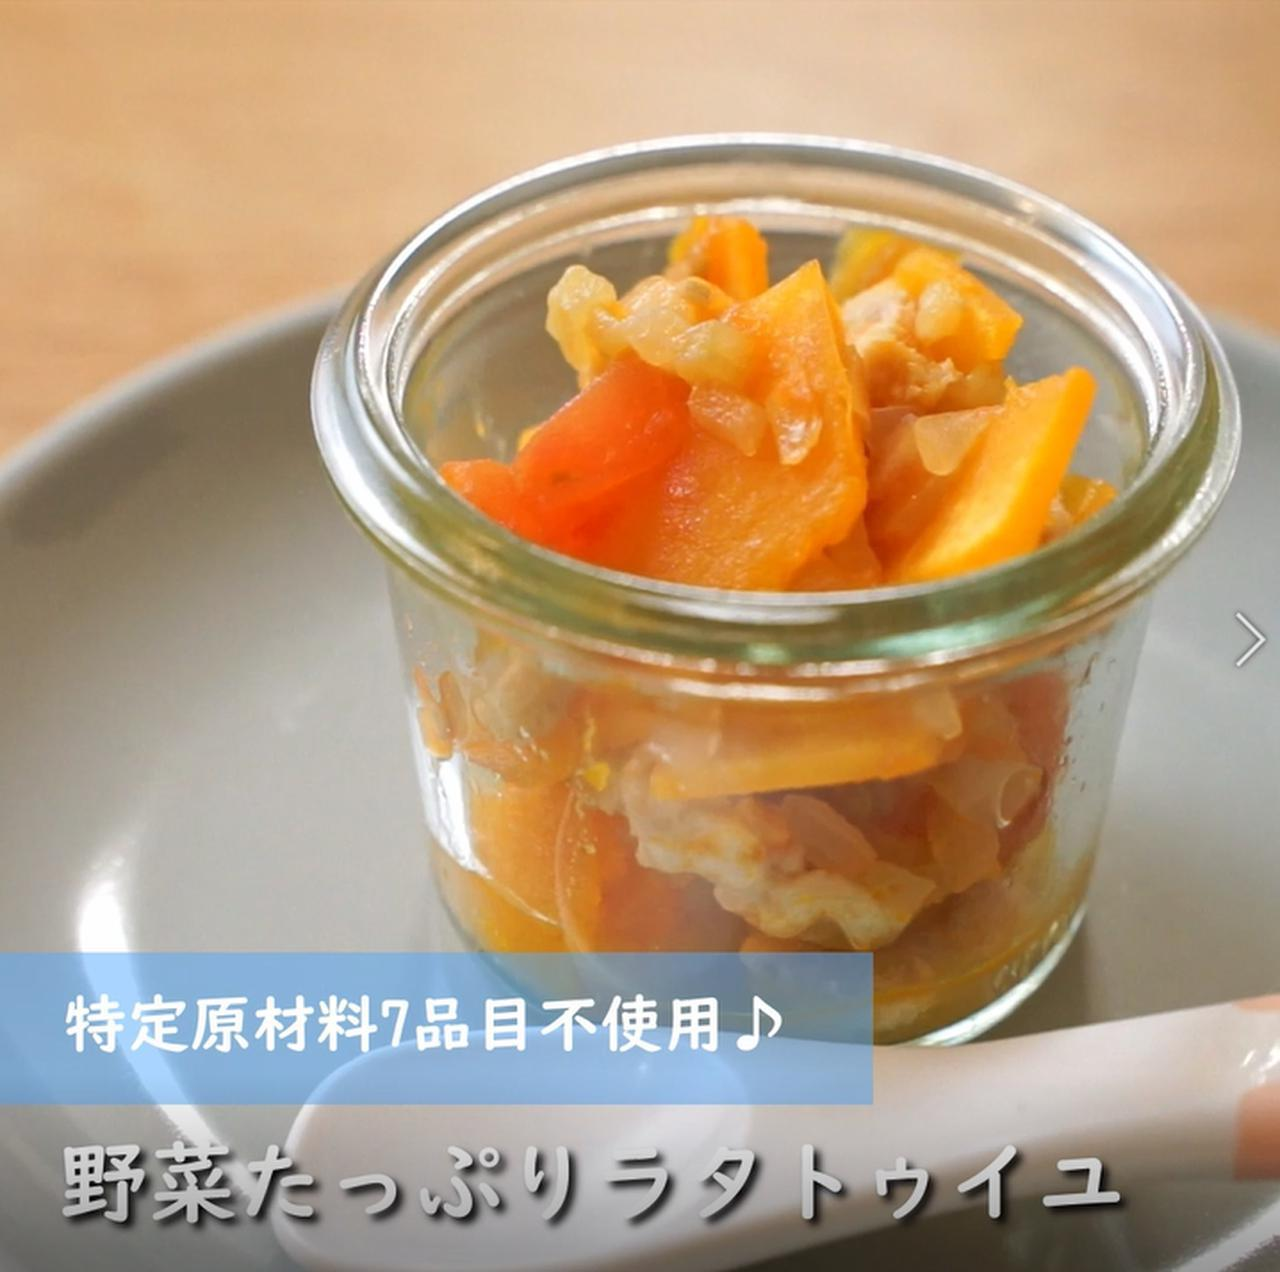 画像: 離乳食 後期レシピ!野菜たっぷりのラタトゥイユ - 君とごはん